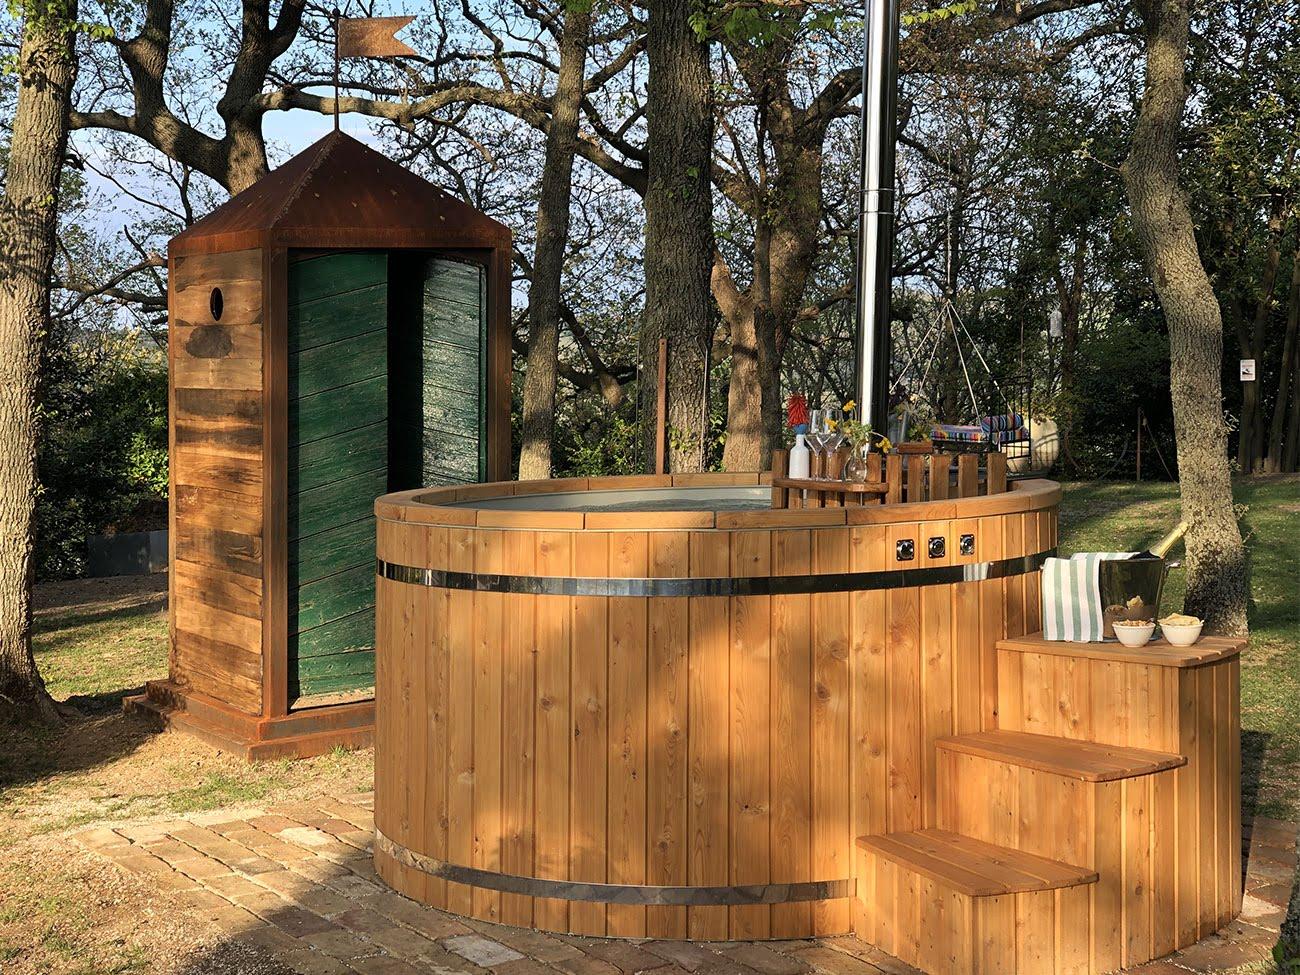 Garden Natural Hot Tub - Castello di Granarola - Natural Spa